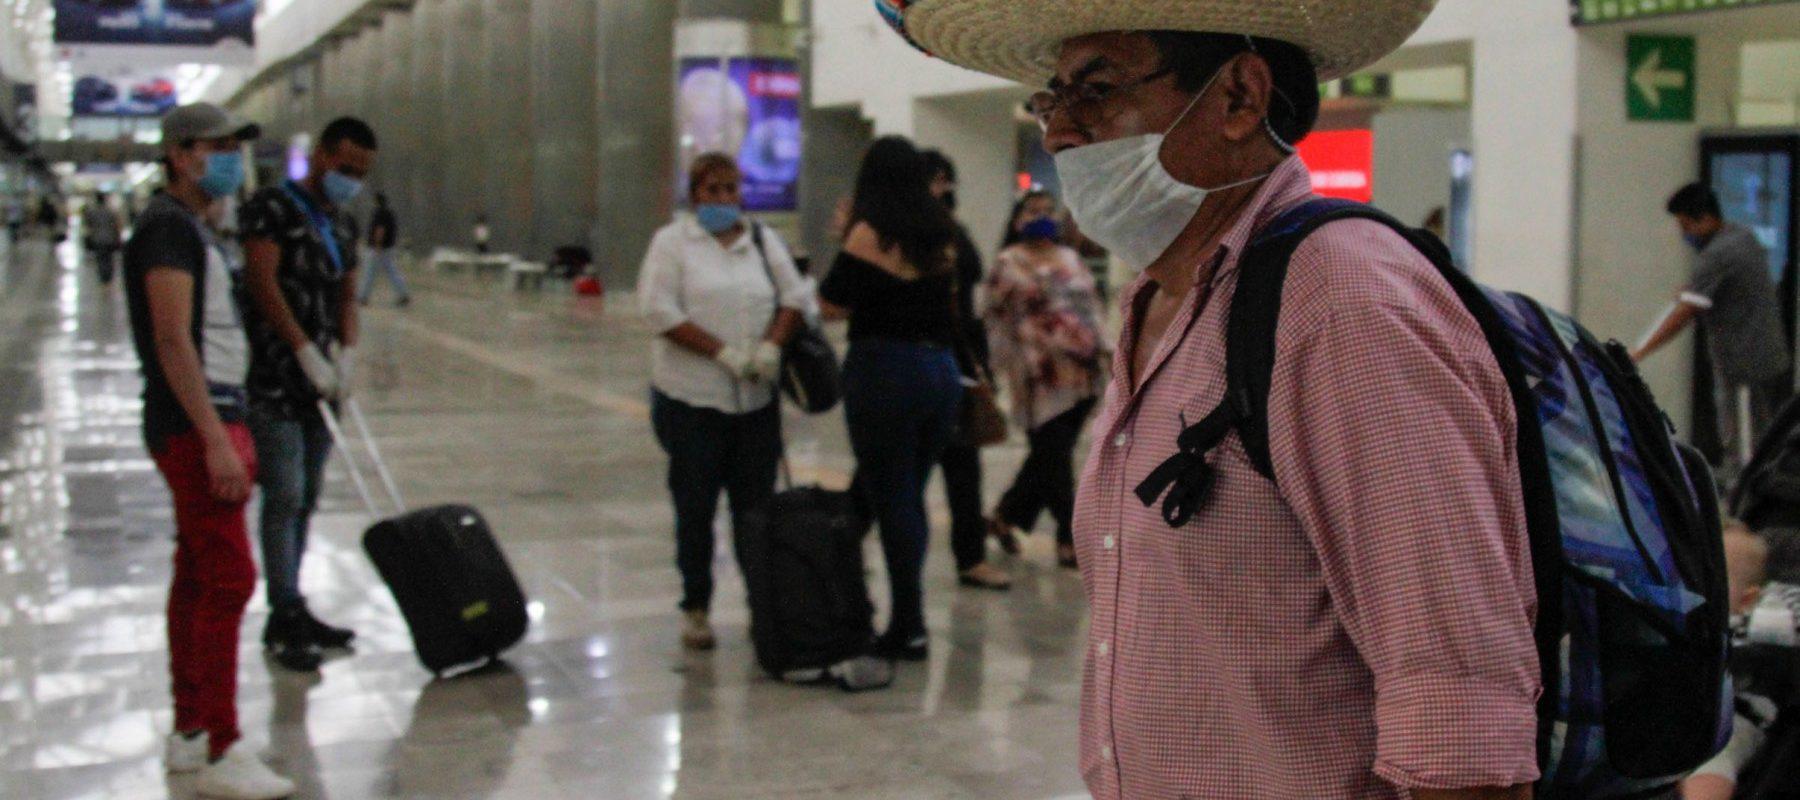 Recuperación económica en turismo, ha sido insuficiente en México: Coparmex